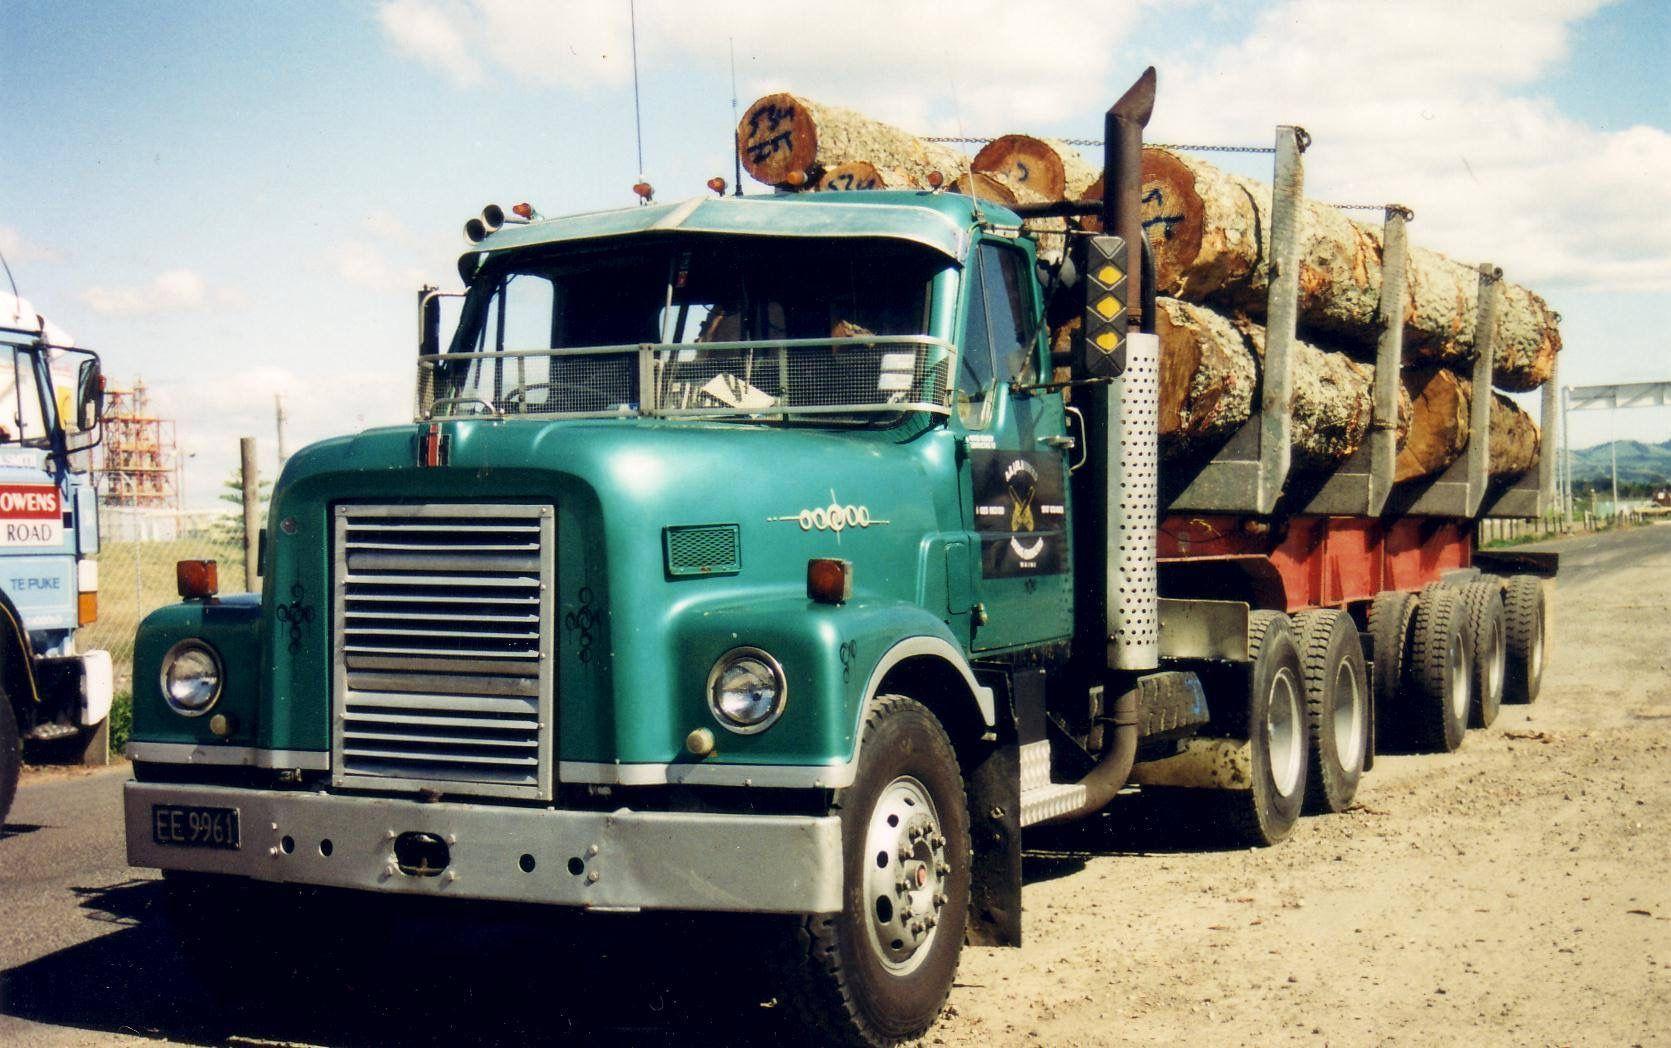 International harvester truck image by drragsdale on